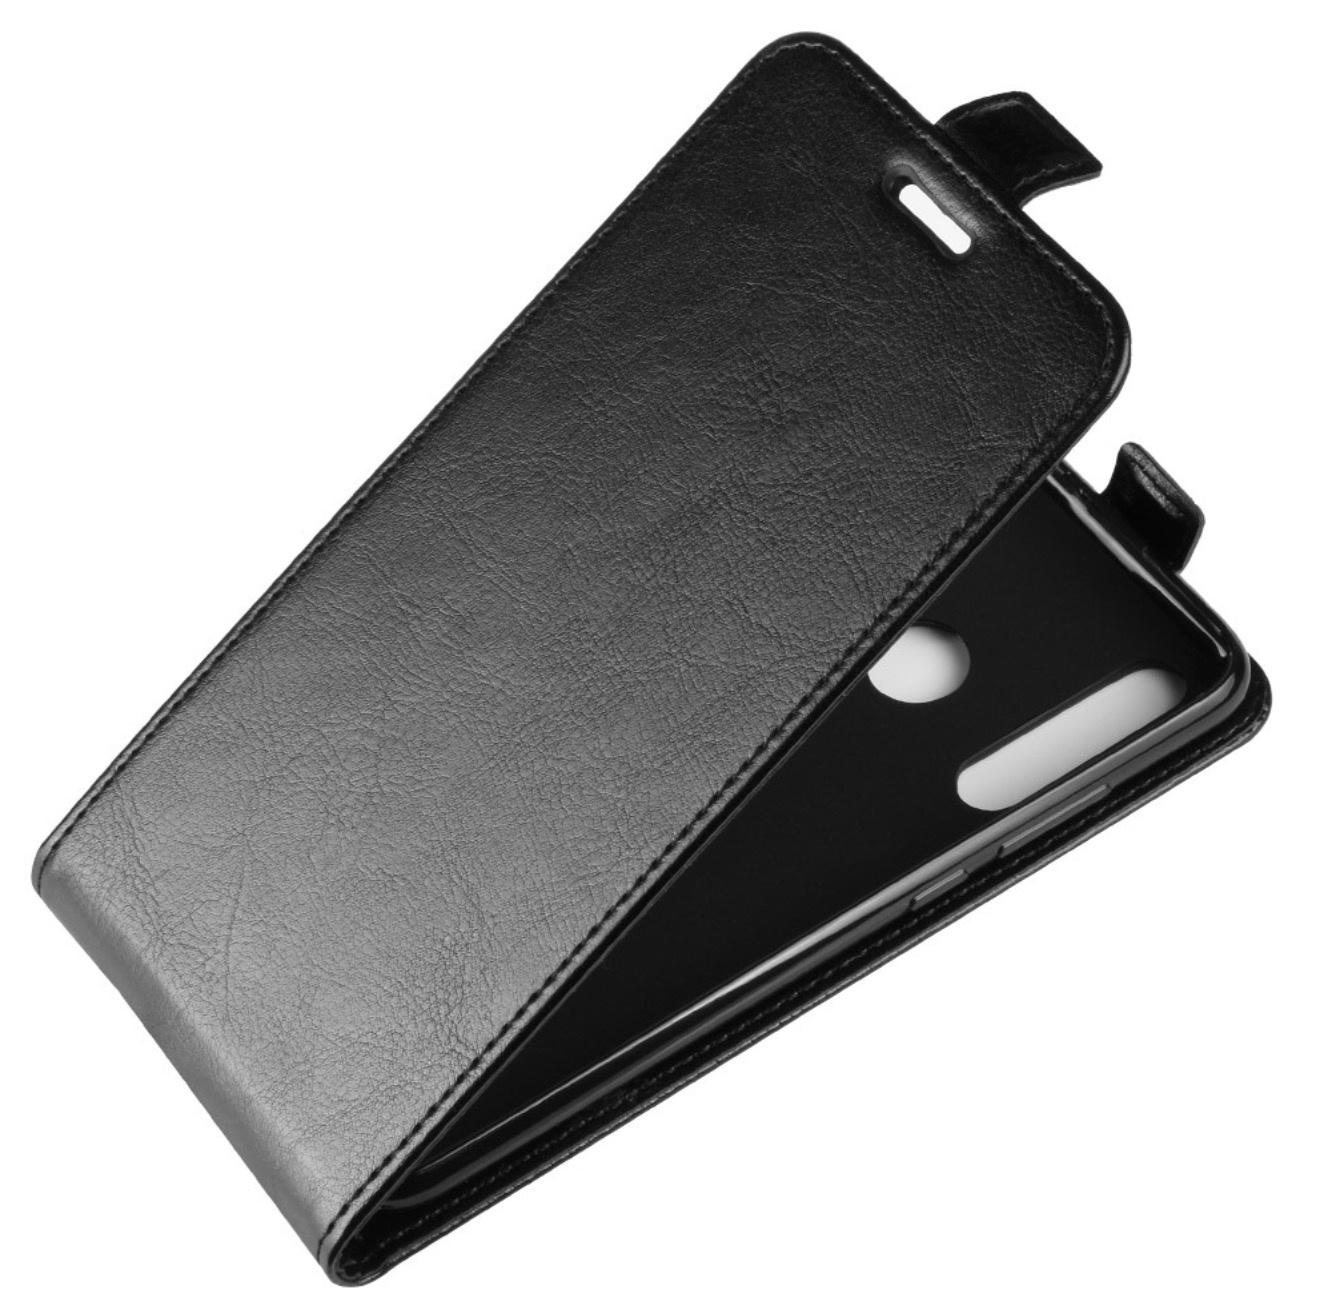 Чехол-флип MyPads для ASUS ZenFone 4 ZE554KL вертикальный откидной черный чехол флип mypads для asus zenfone 4 selfie pro zd552kl вертикальный откидной белый